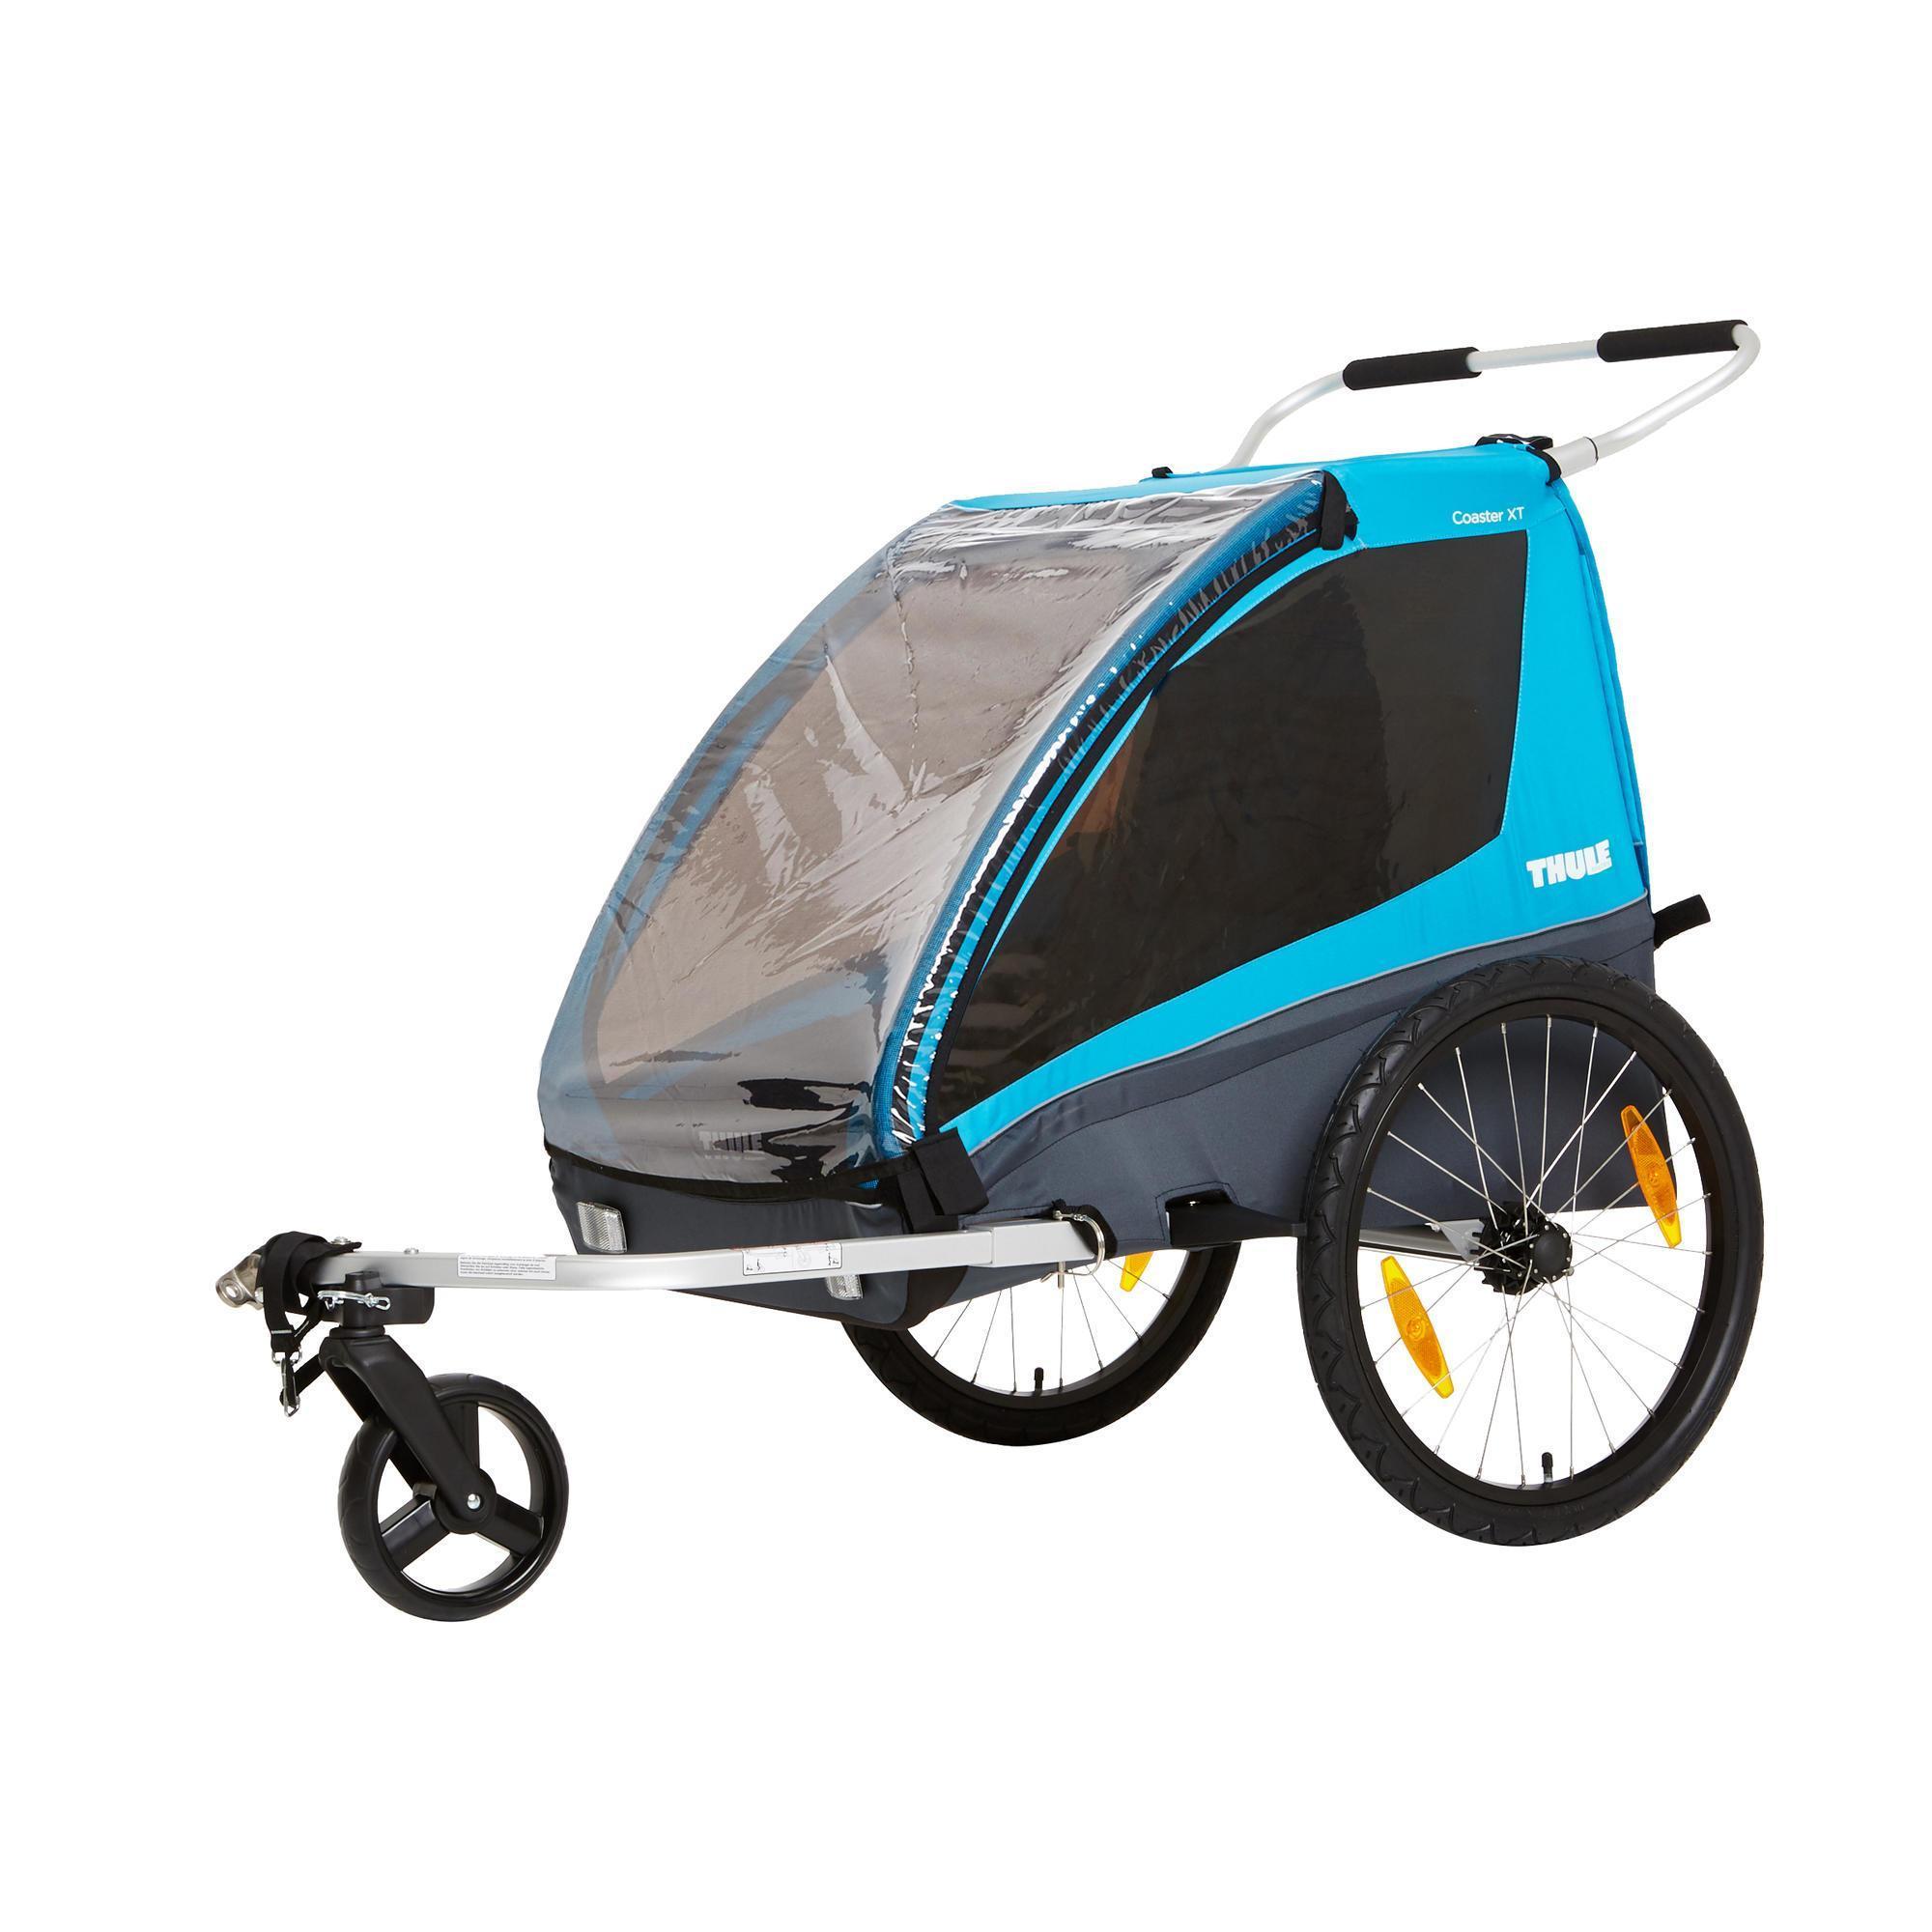 Remorques de vélo et poussettes multisports Thule Coaster XT